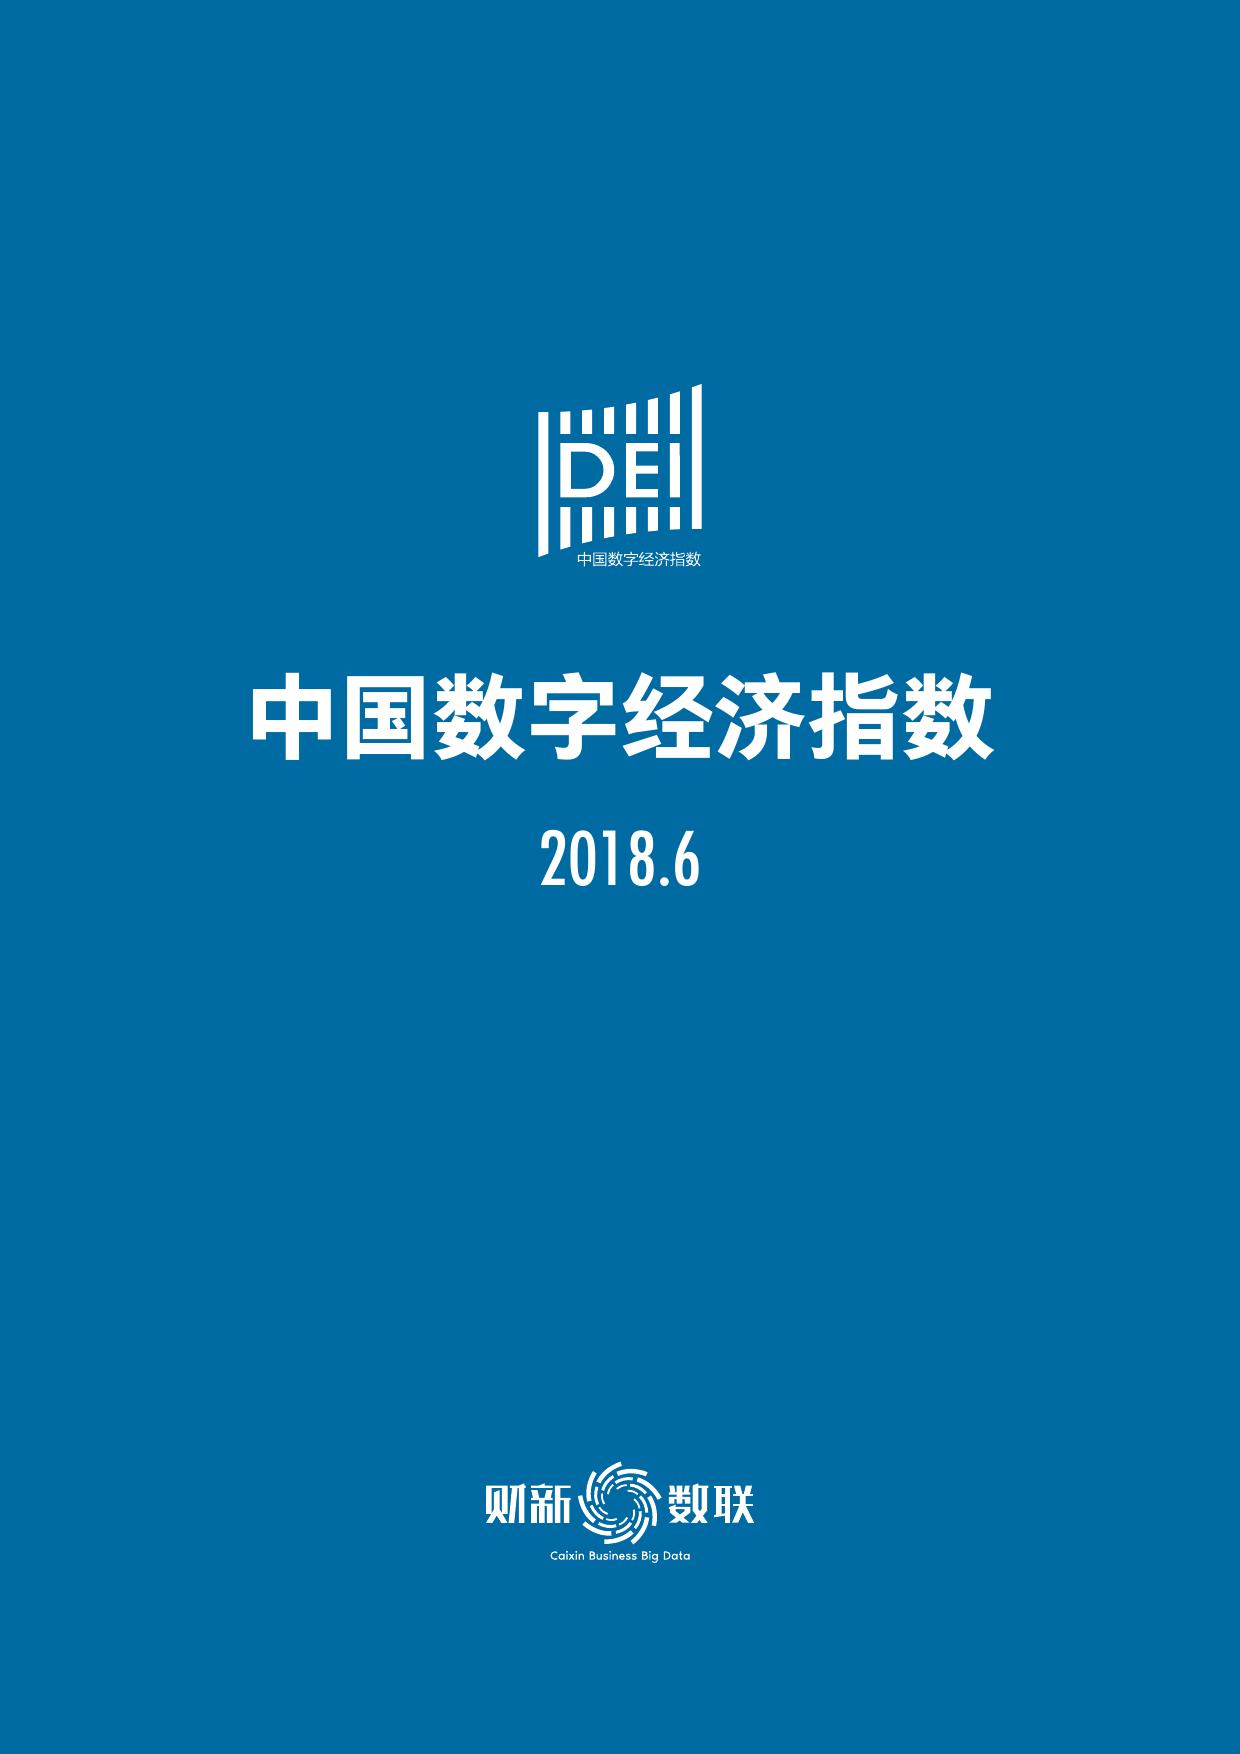 财新数联:《2018年6月中国数字经济指数报告》(ppt)